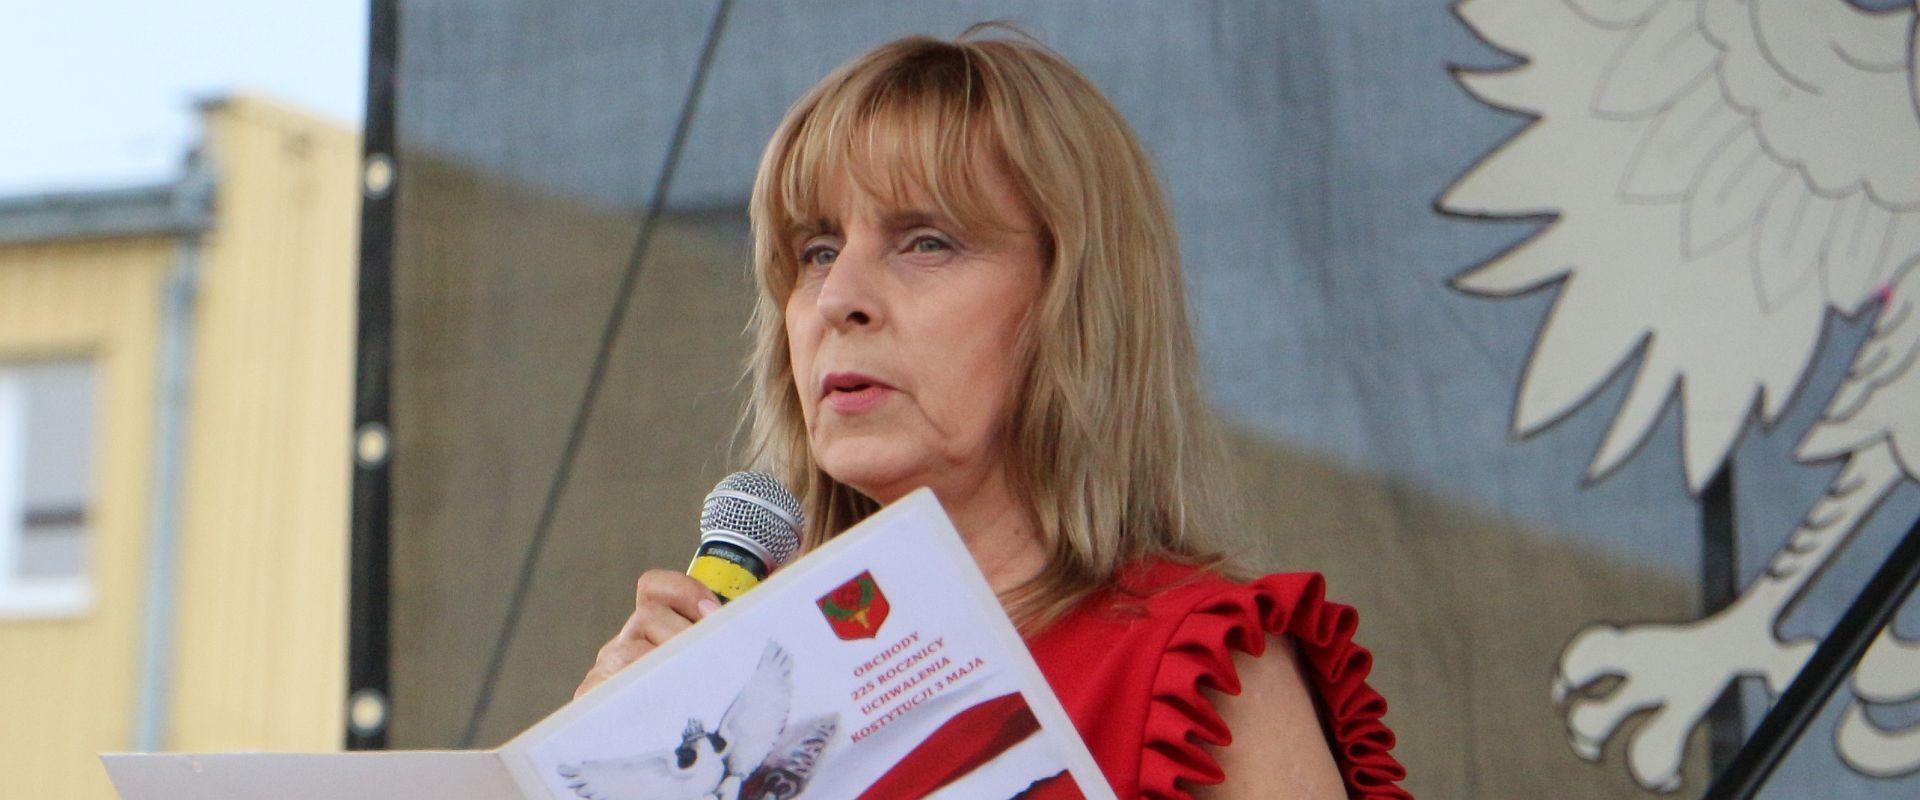 Wojewódzki Sąd Administracyjny odrzucił odwołanie burmistrza